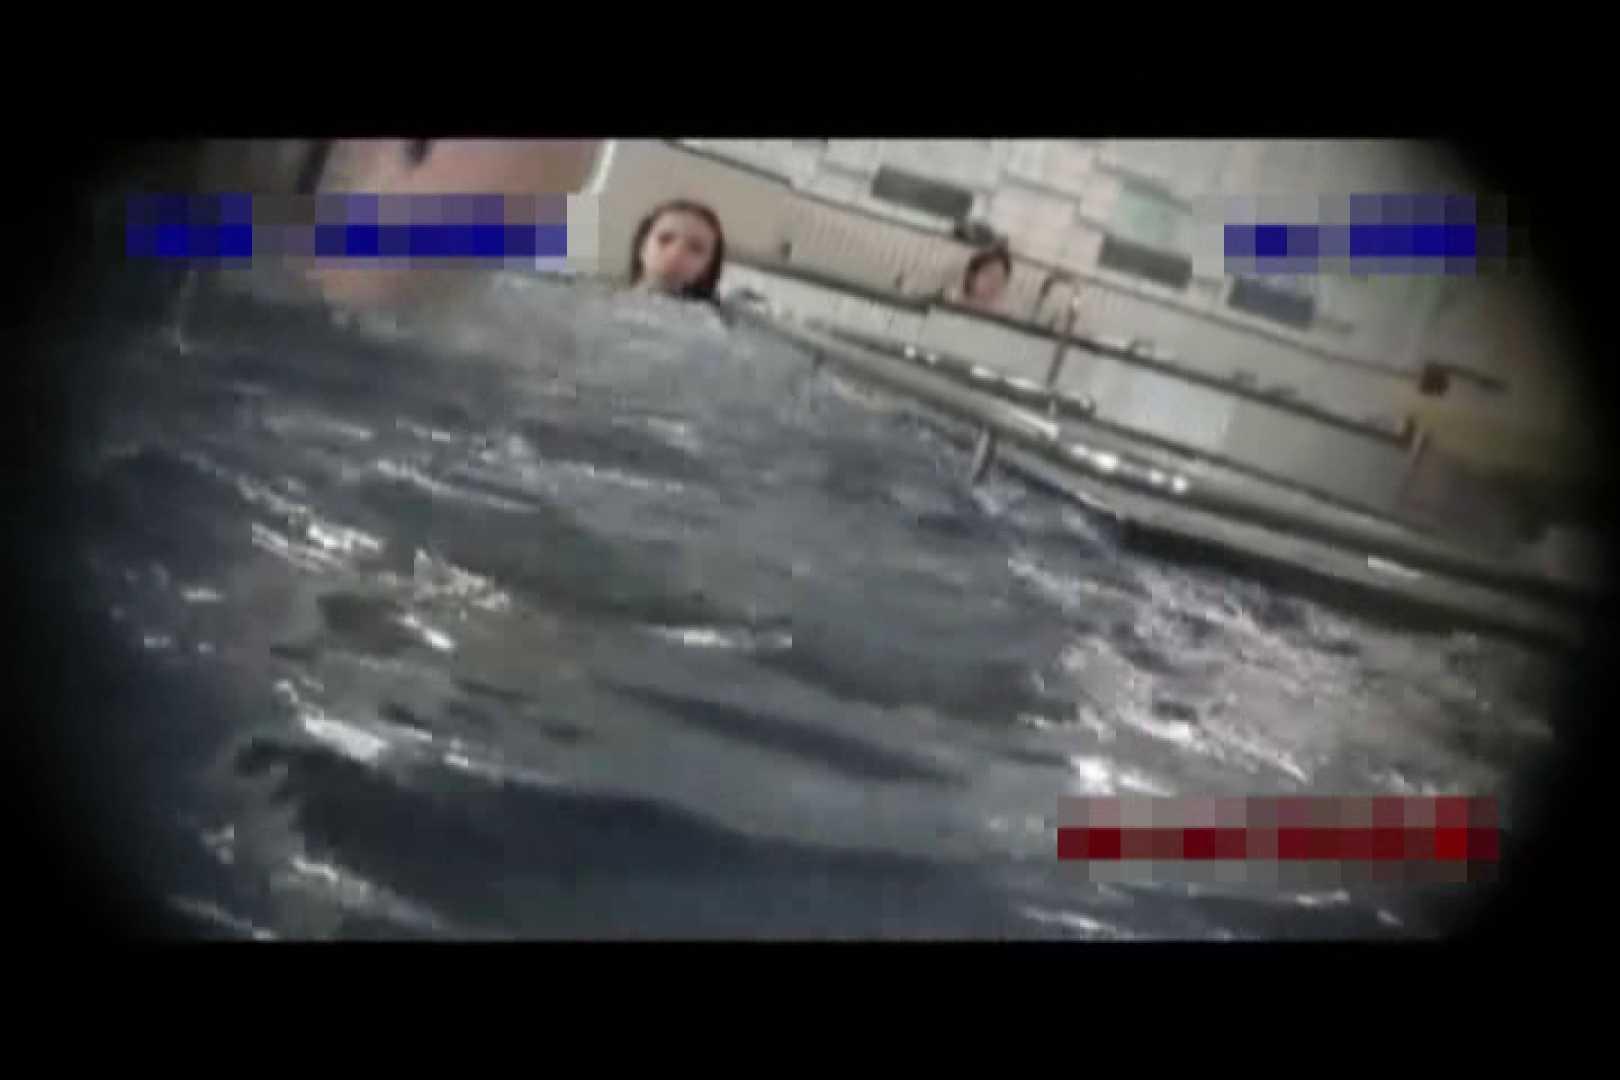 未熟な珊瑚礁 vol.15 性器丸見え オマンコ動画キャプチャ 98PIX 29